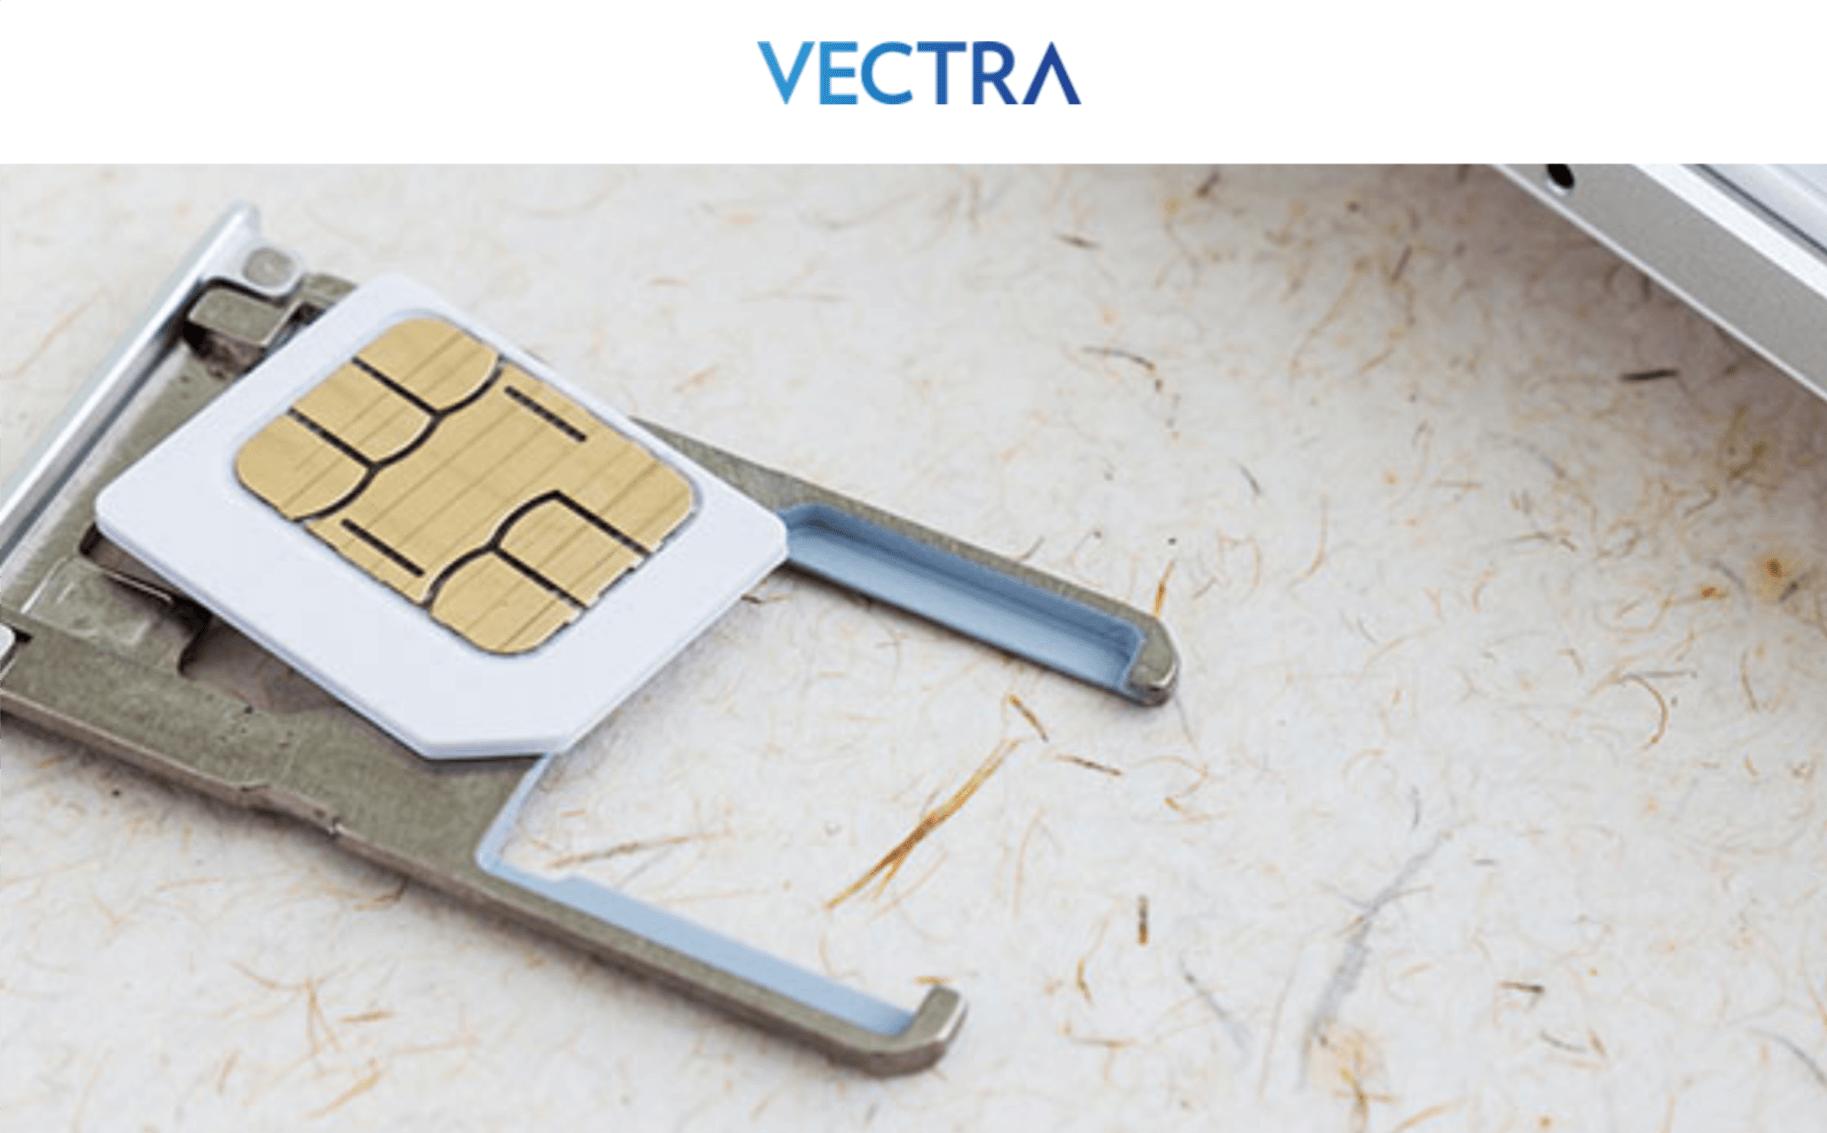 Vectra przedstawia nową ofertę telefoniczną. Dotychczasowi klienci będą mieli taniej 18